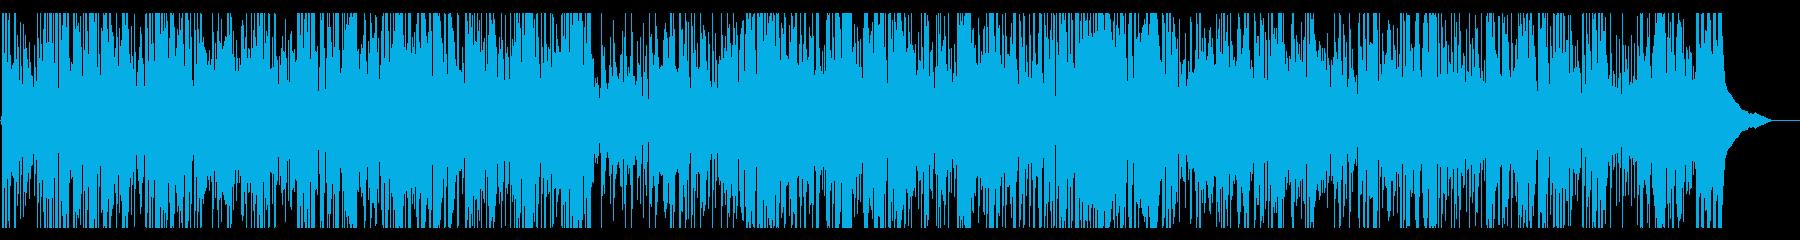 軽快で疾走感のあるカントリーミュージックの再生済みの波形